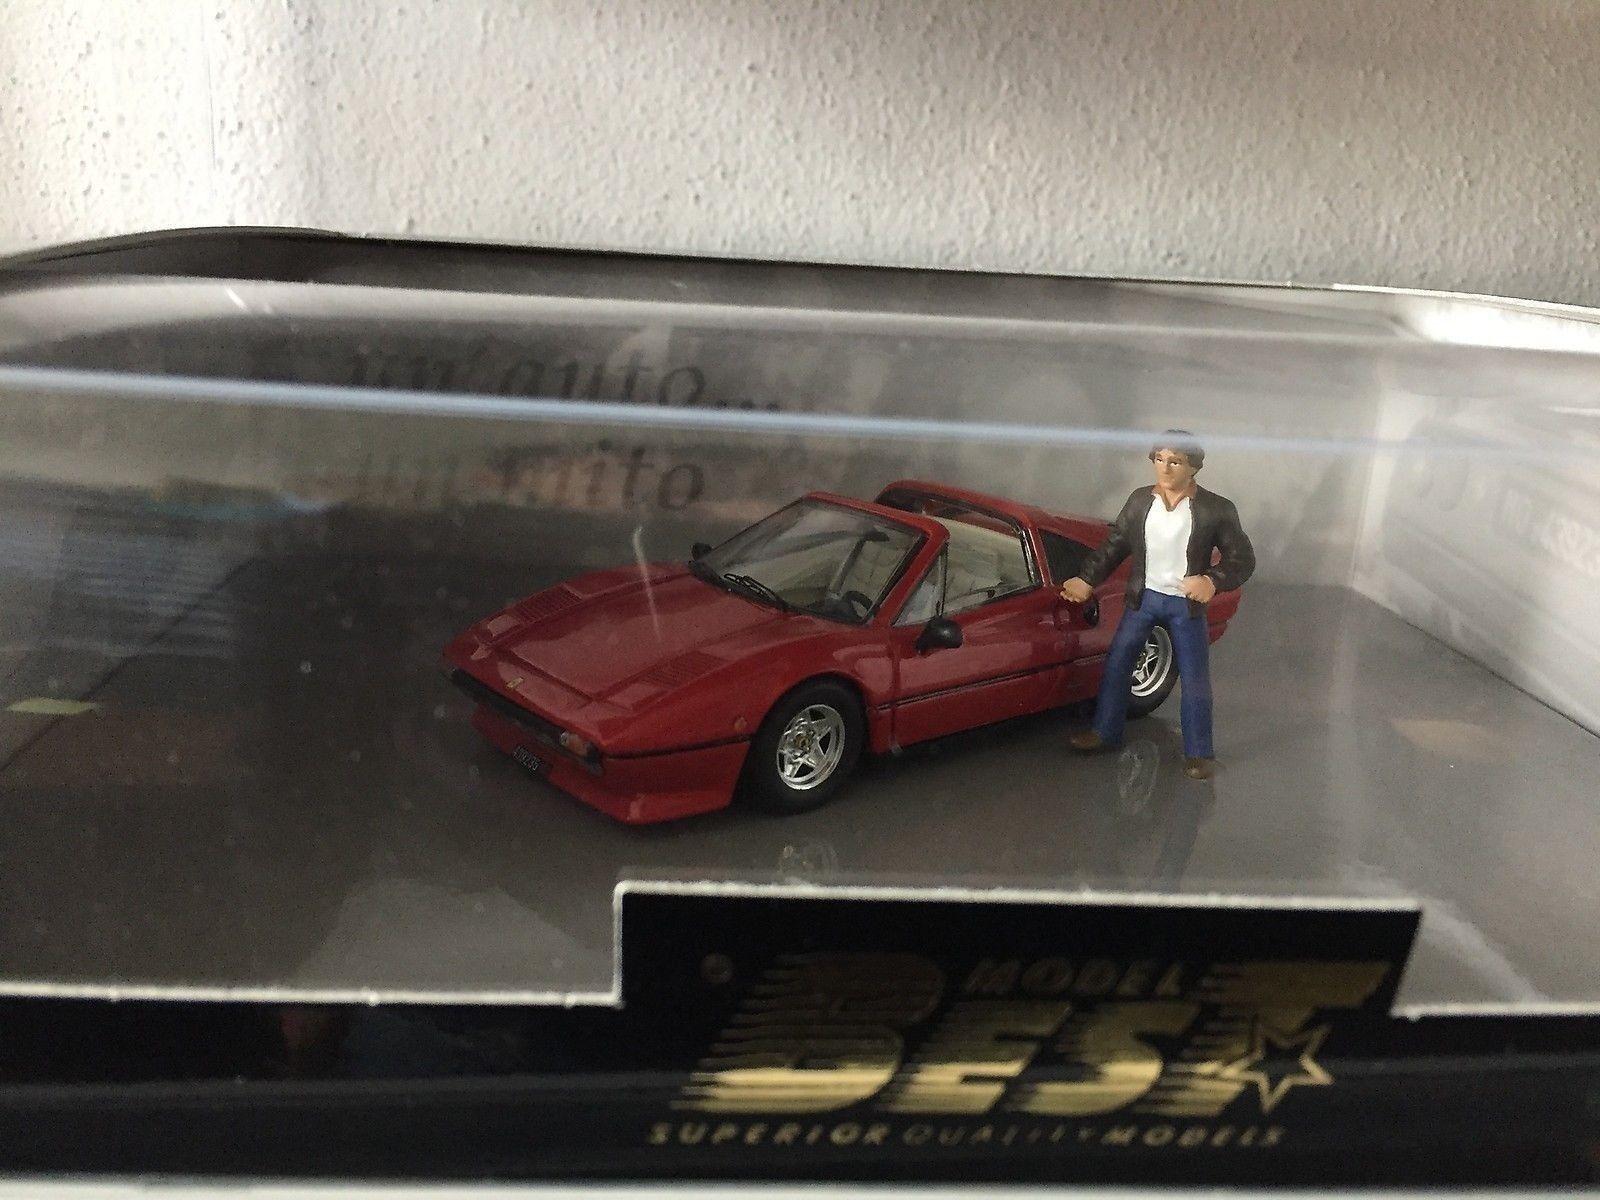 ofrecemos varias marcas famosas  183 183 183 Ferrari 308 GTS Villeneuve's Coche 1982 - BEST MODEL 1 43  bajo precio